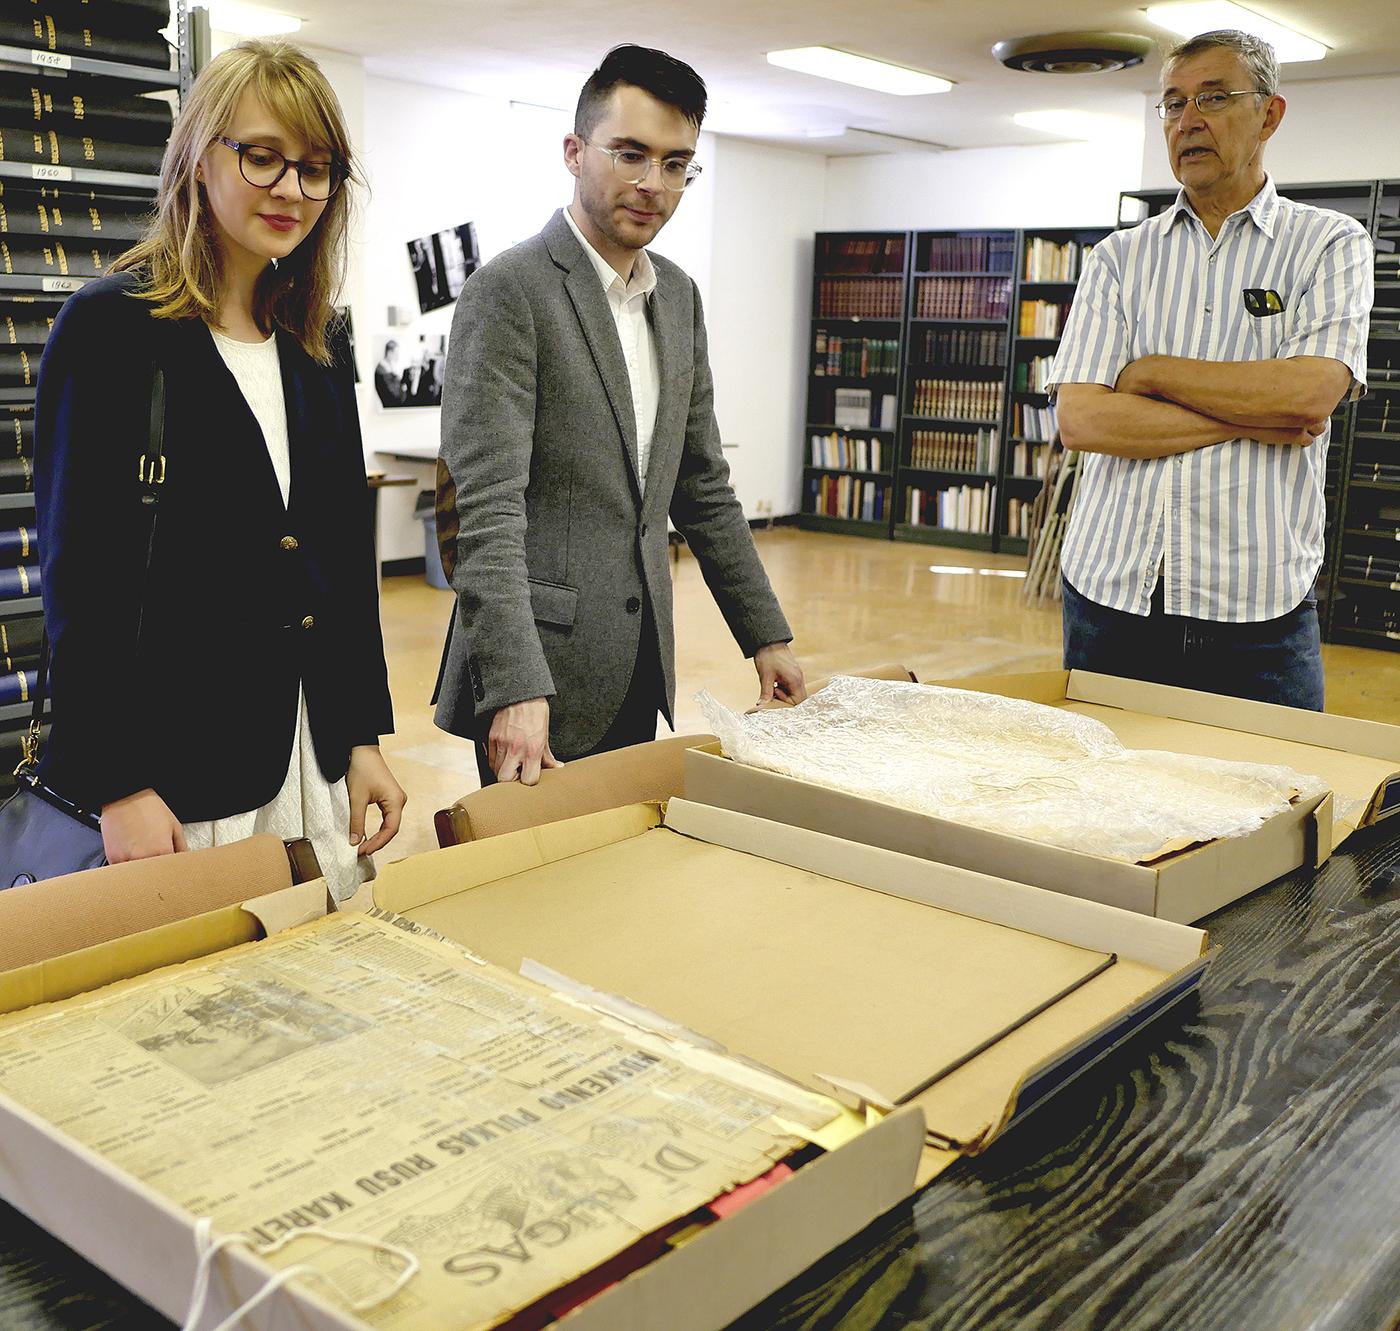 """""""Draugo"""" redakcijoje Jonas Daugirdas (d.) kartu su William Shalaack ir Anna Oates, svečiais iš University of Illinois at Urbana-Champaign apžiūri senuosius """"Draugo"""" numerius."""